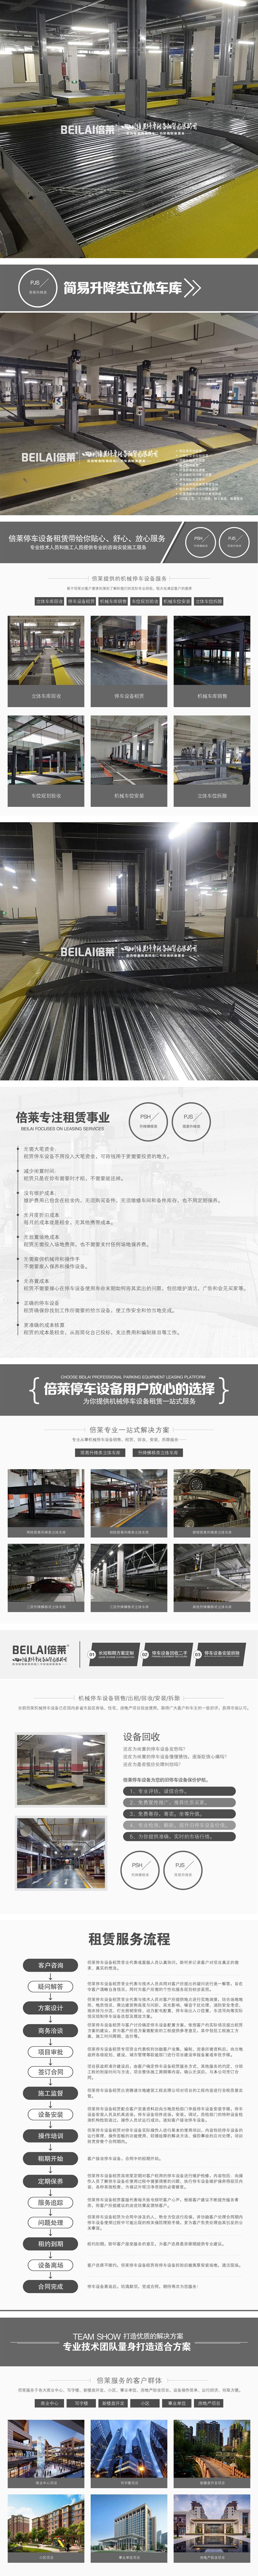 龍馬潭車庫拆除納雍二層上下車位租賃黎平立體車庫